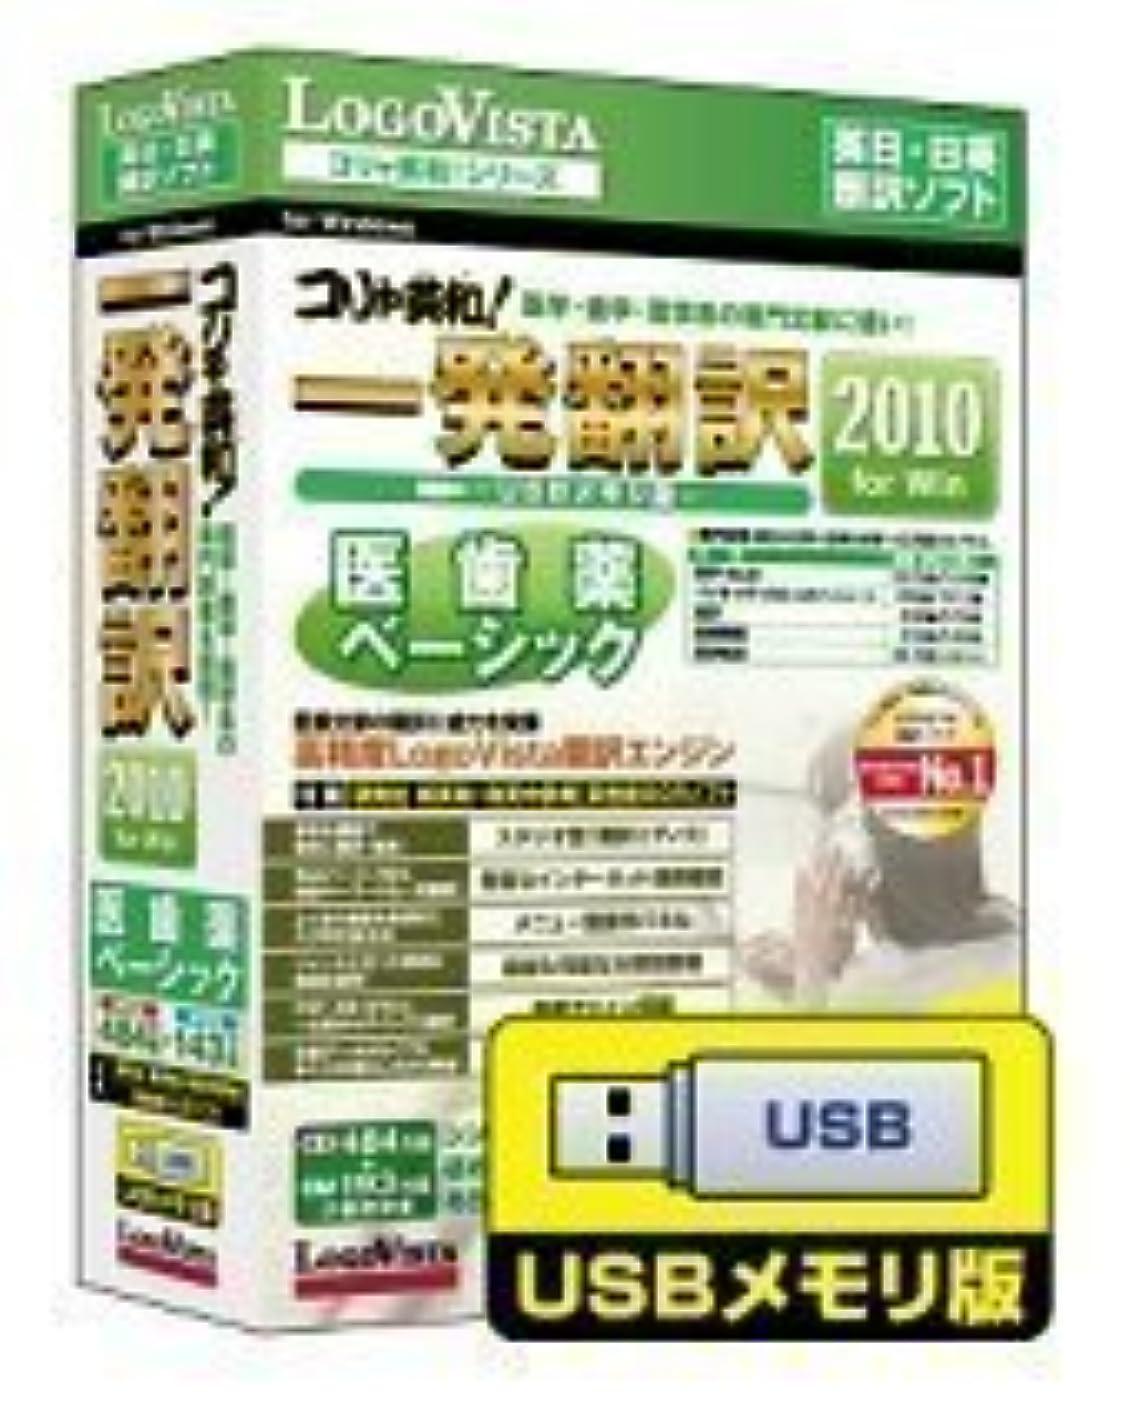 肥料今晩インターネットコリャ英和!一発翻訳 2010 for Win 医歯薬ベーシック